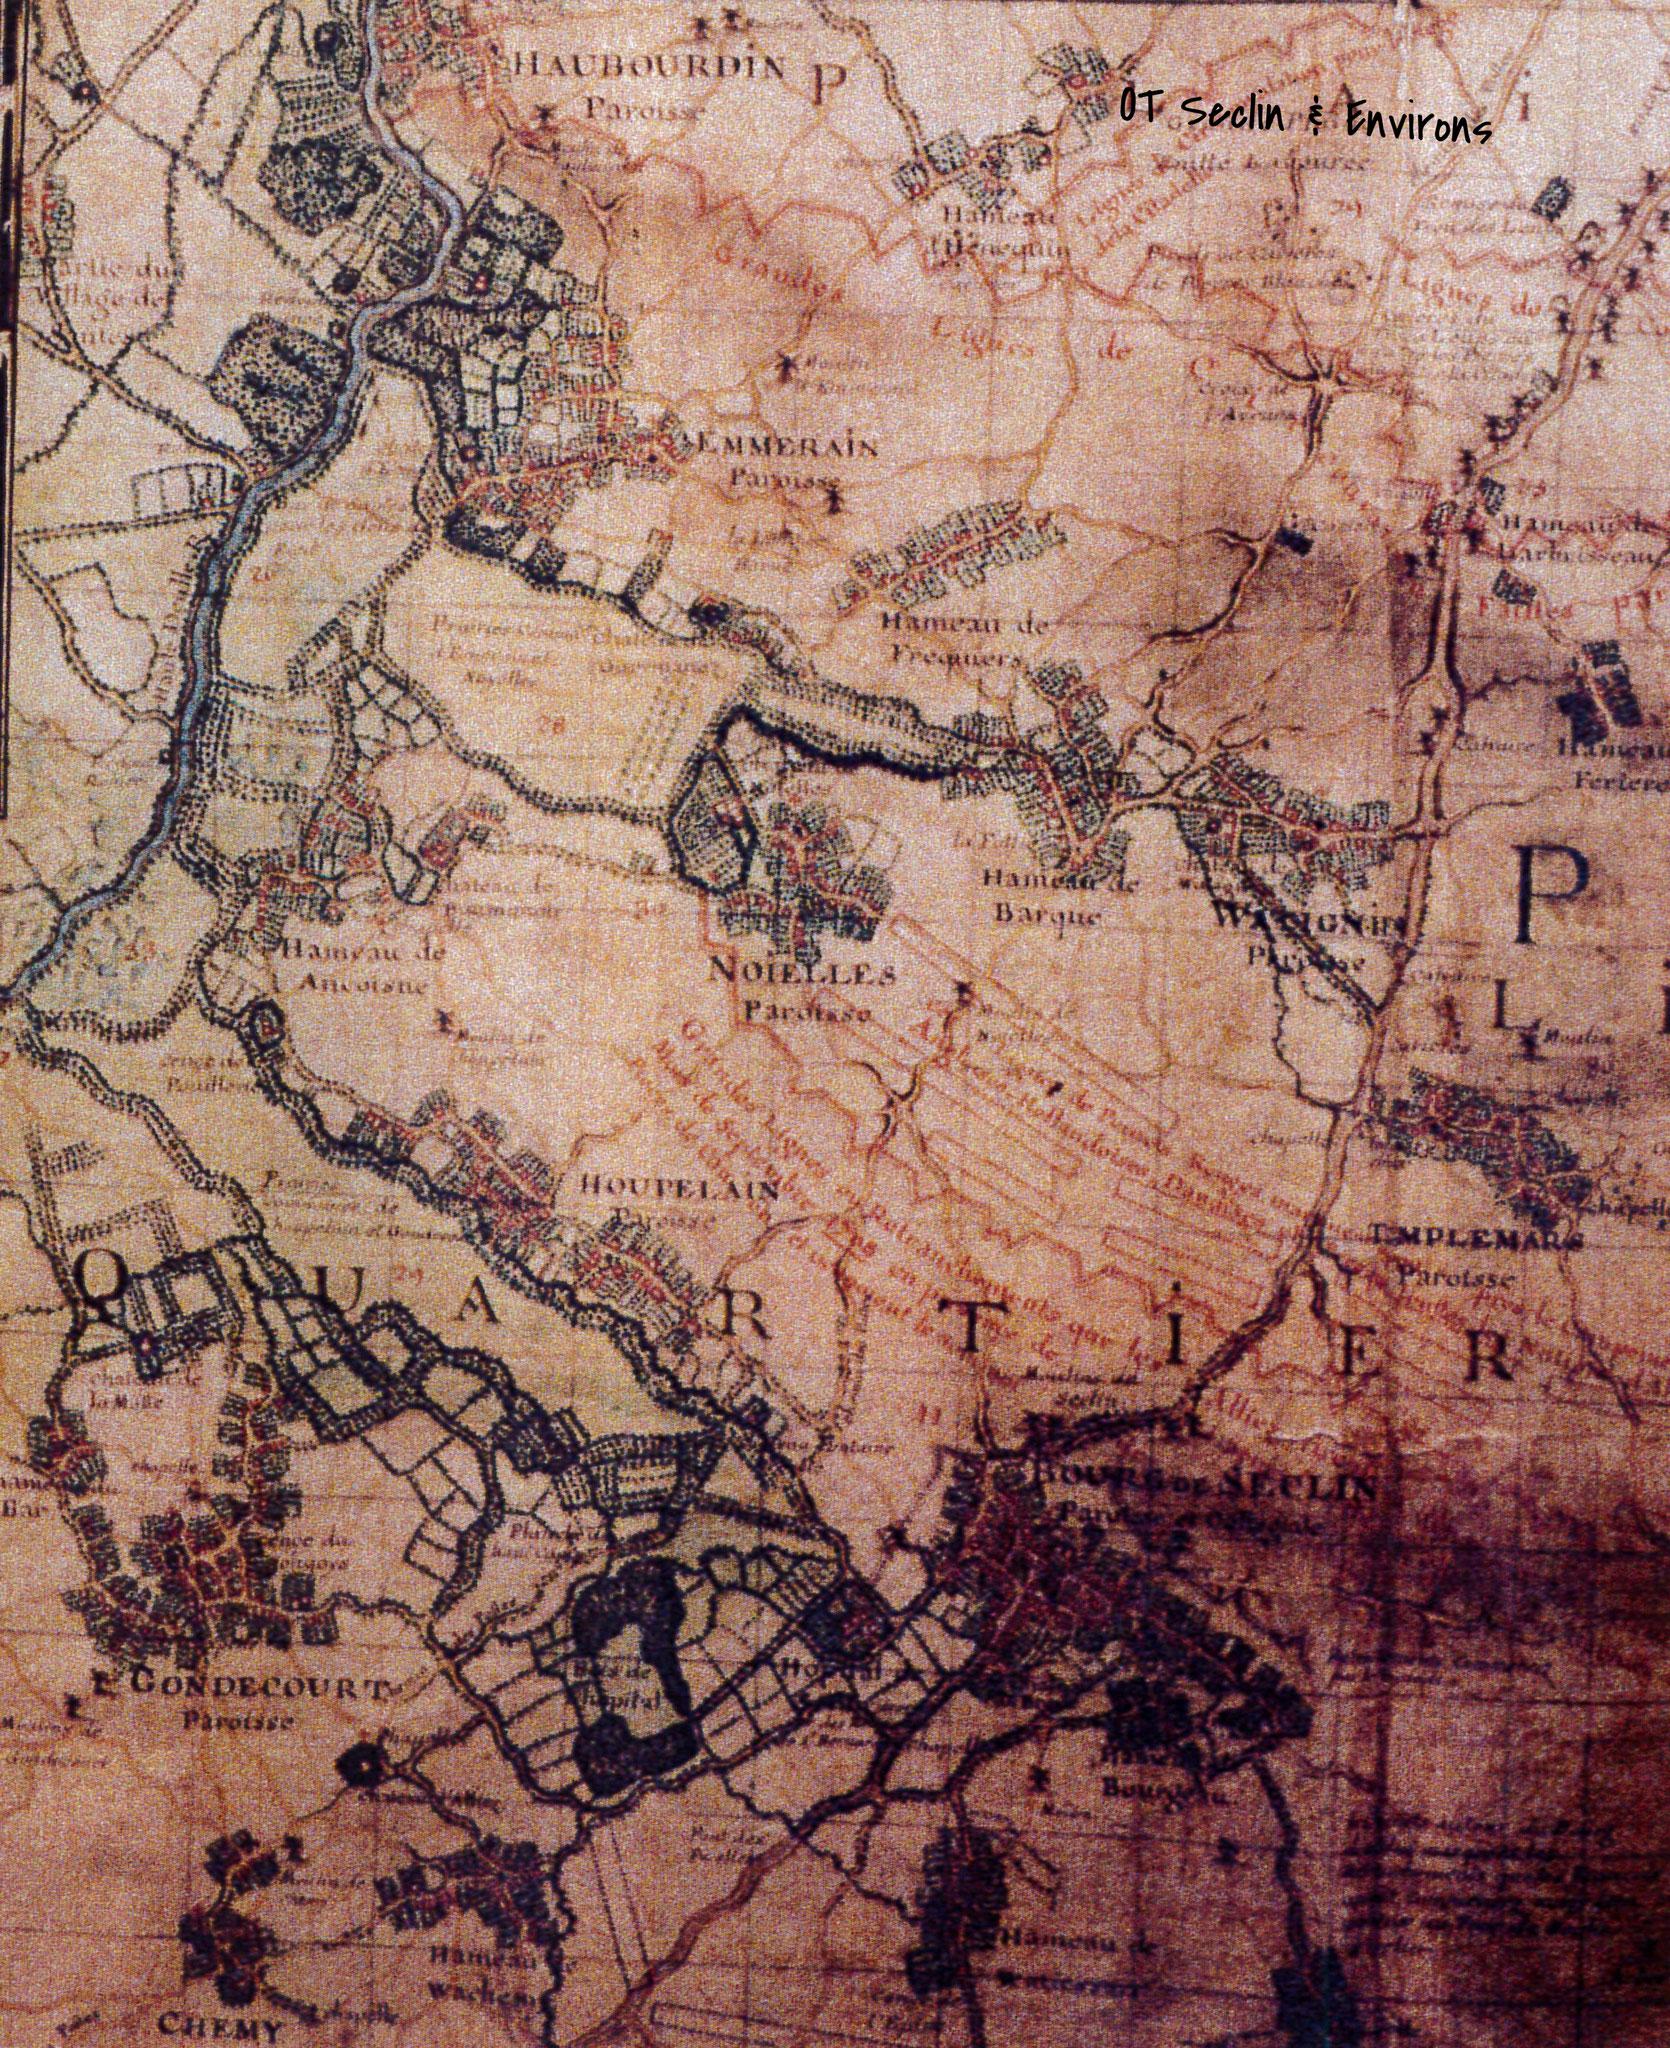 Plan de la région autour de Lille en 1727, on distingue Seclin et les marais avoisinnants